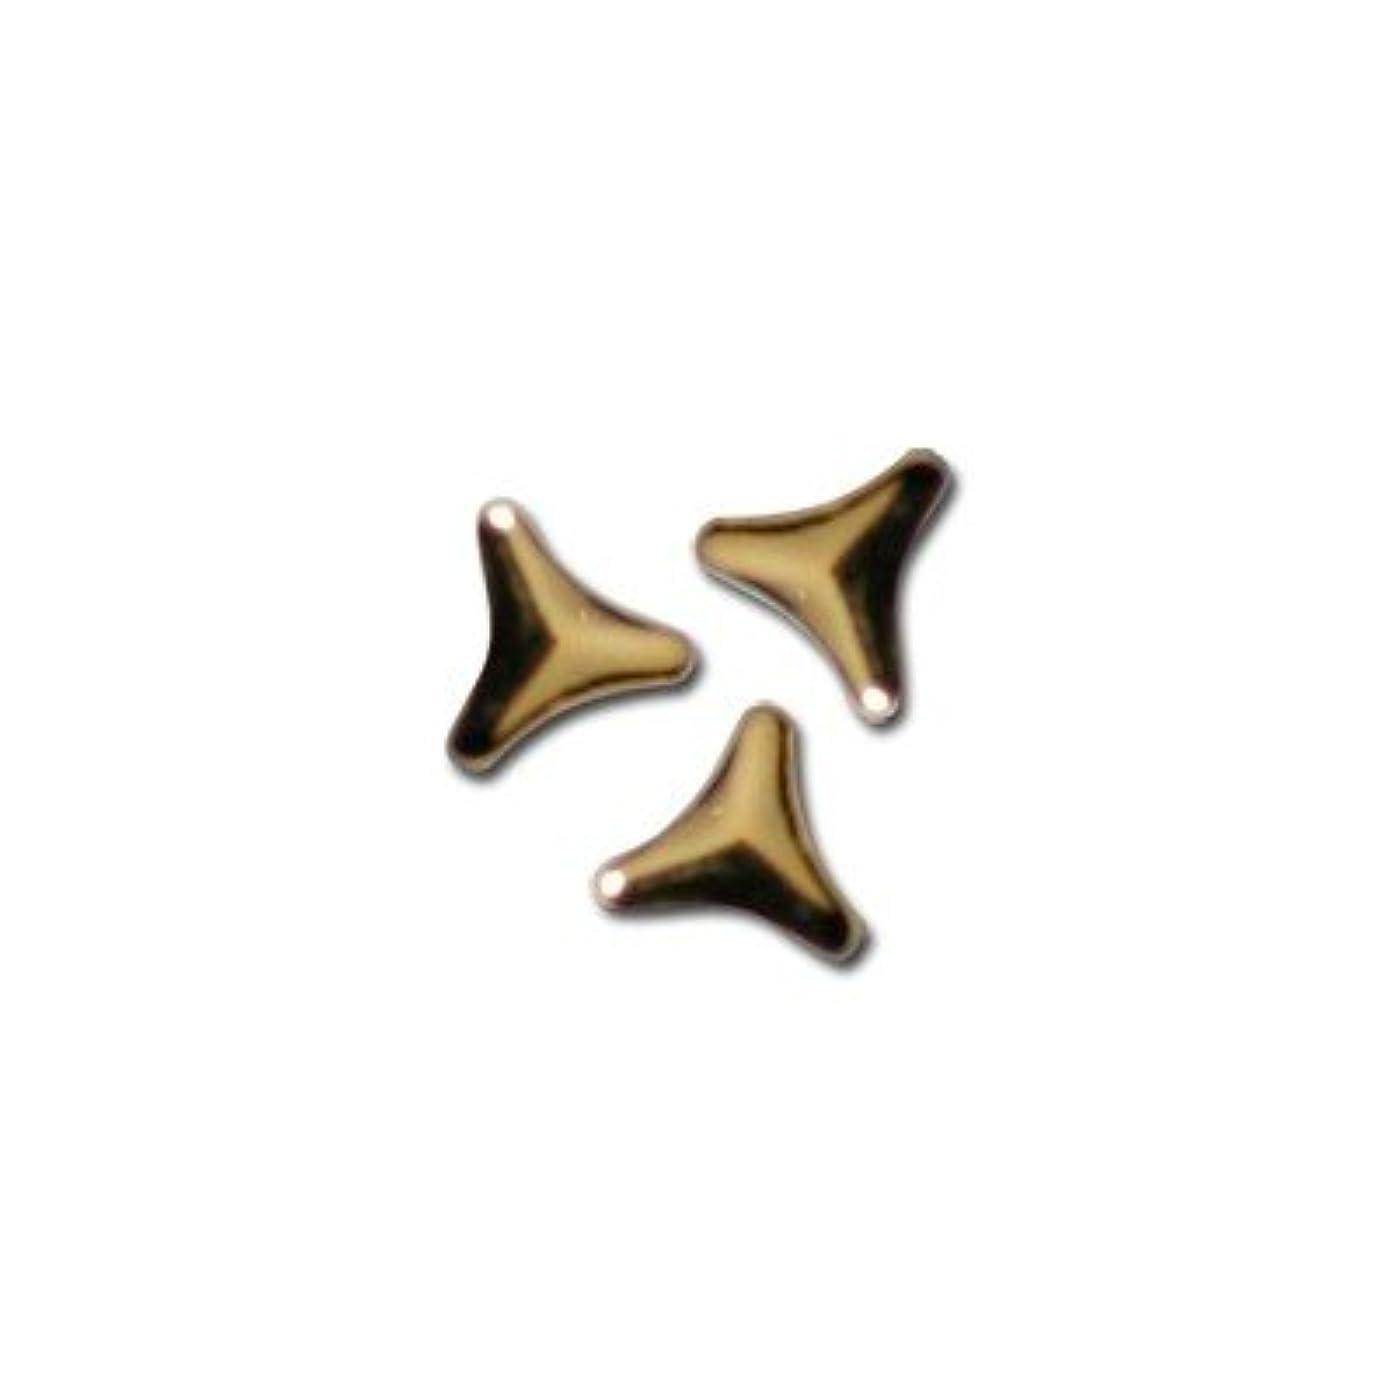 活性化アトラススペインピアドラ スタッズ トライアングルマーク 2mm 50P ゴールド